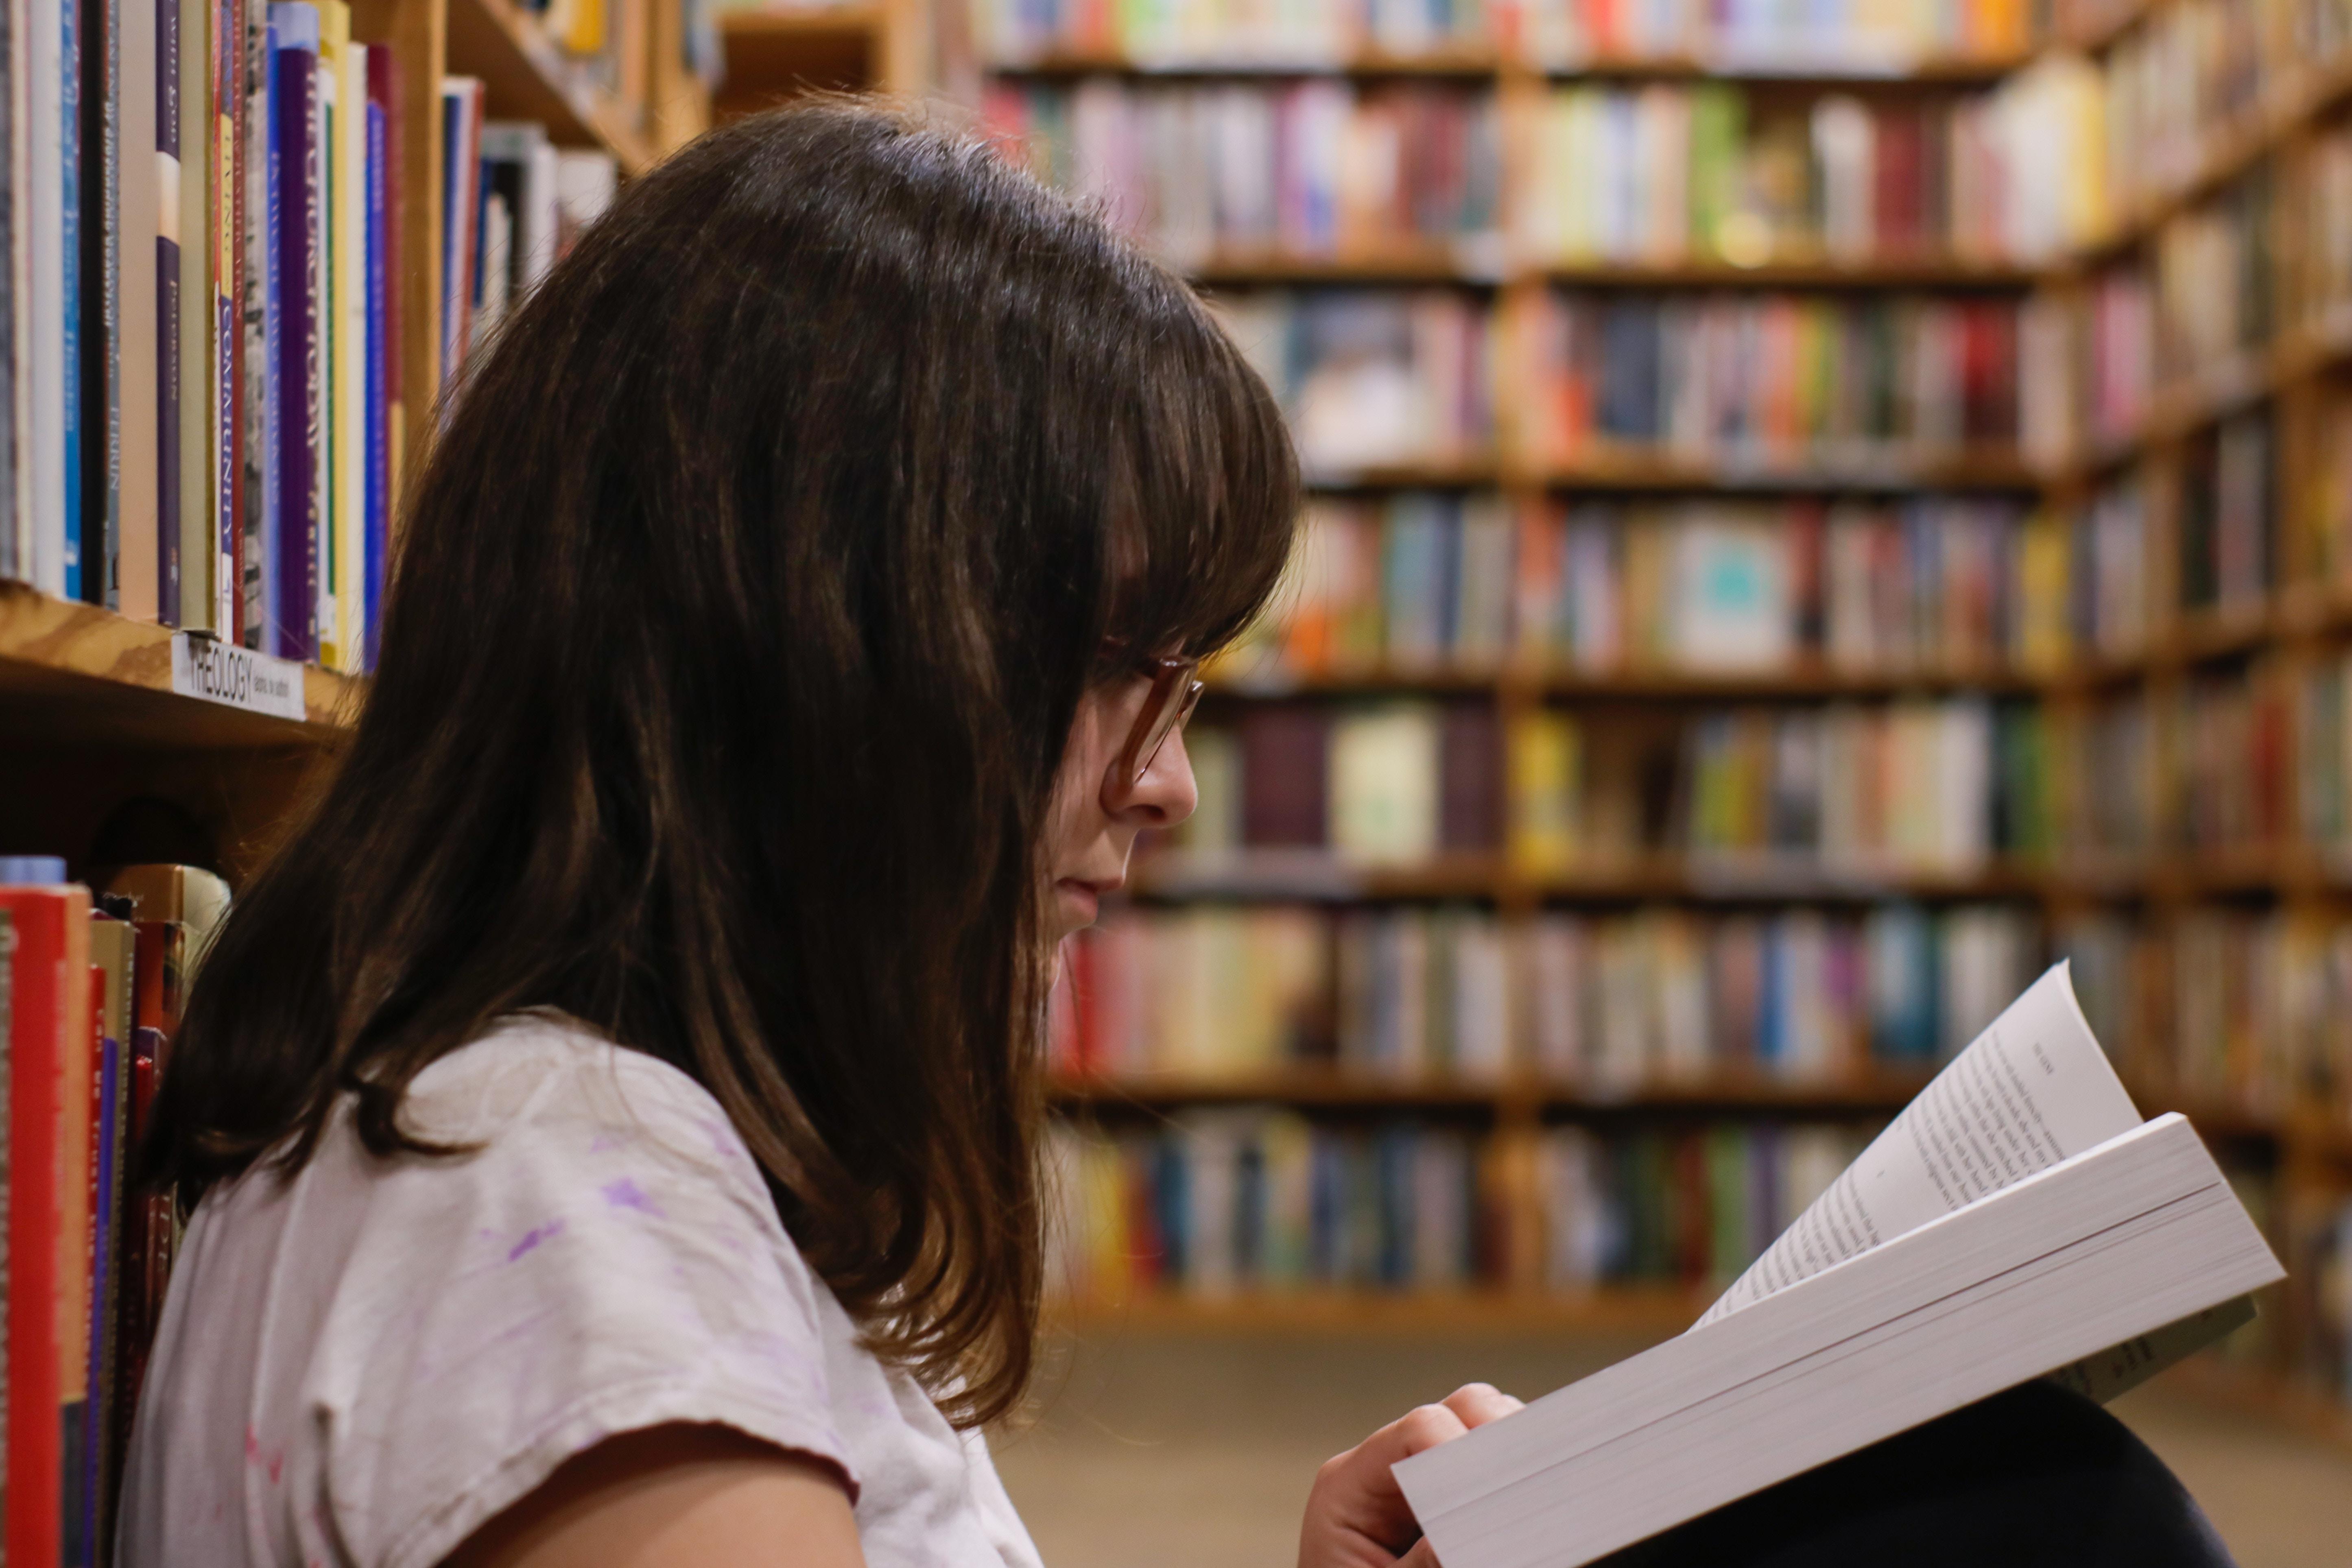 Na zdjęciu kobieta siedzi oparta o regał z książkami i czyta książkę w bibliotece